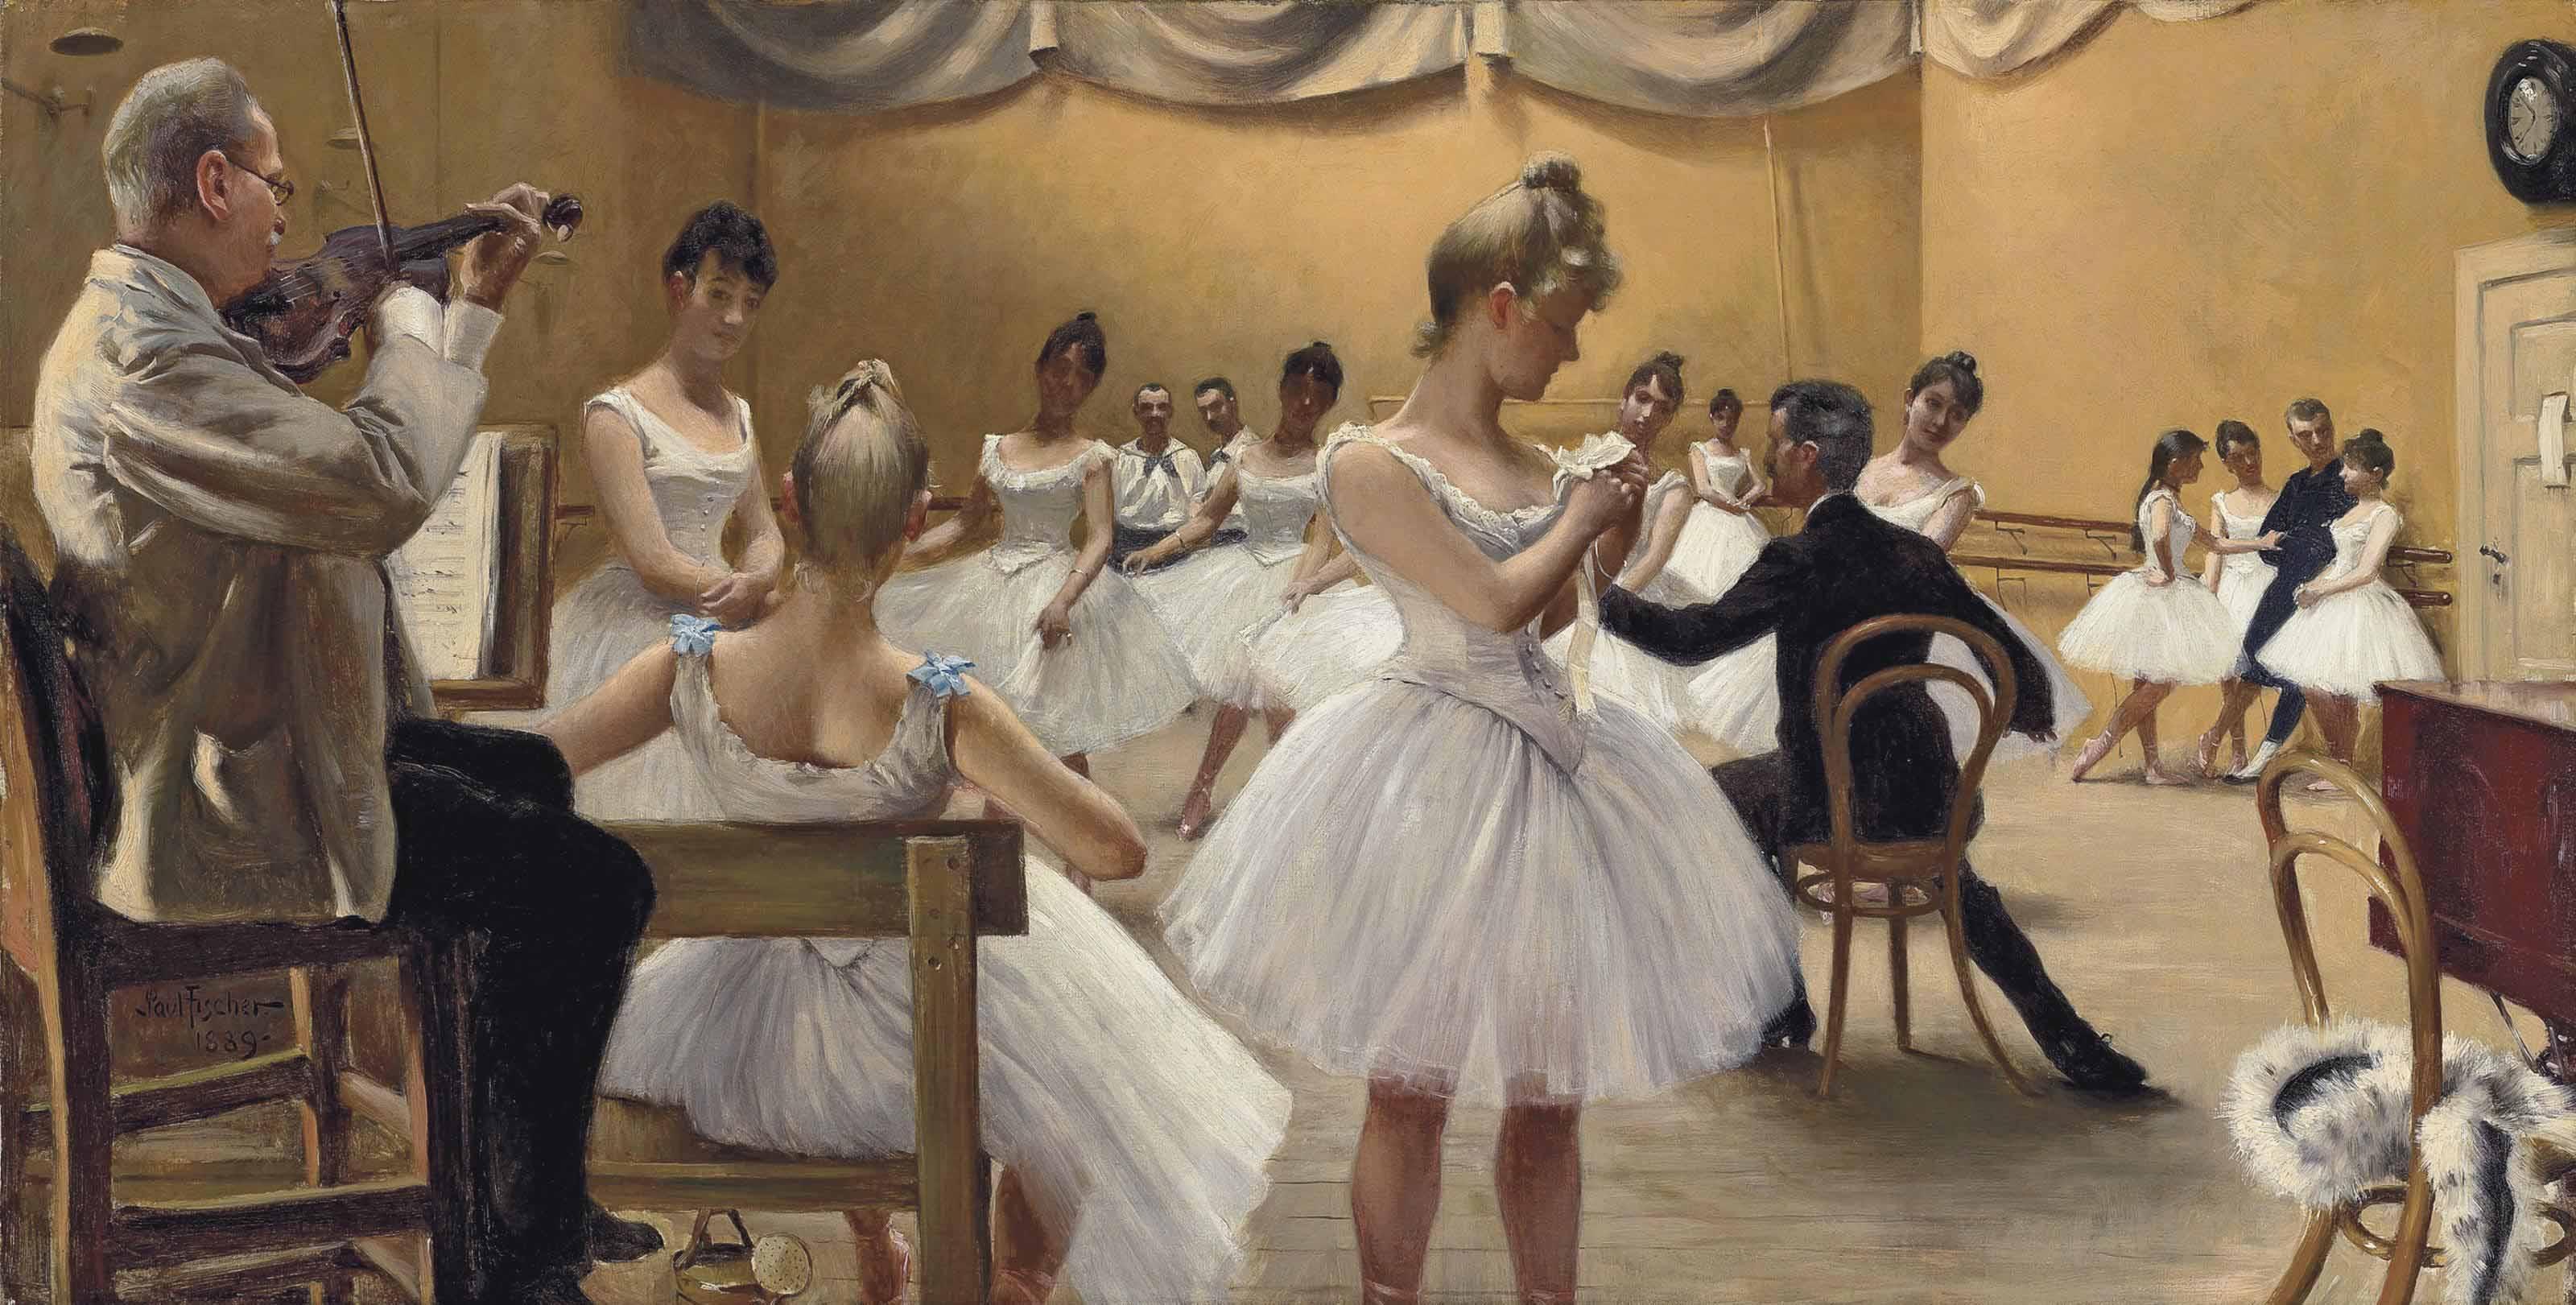 The Royal Theatre Ballet School, Copenhagen